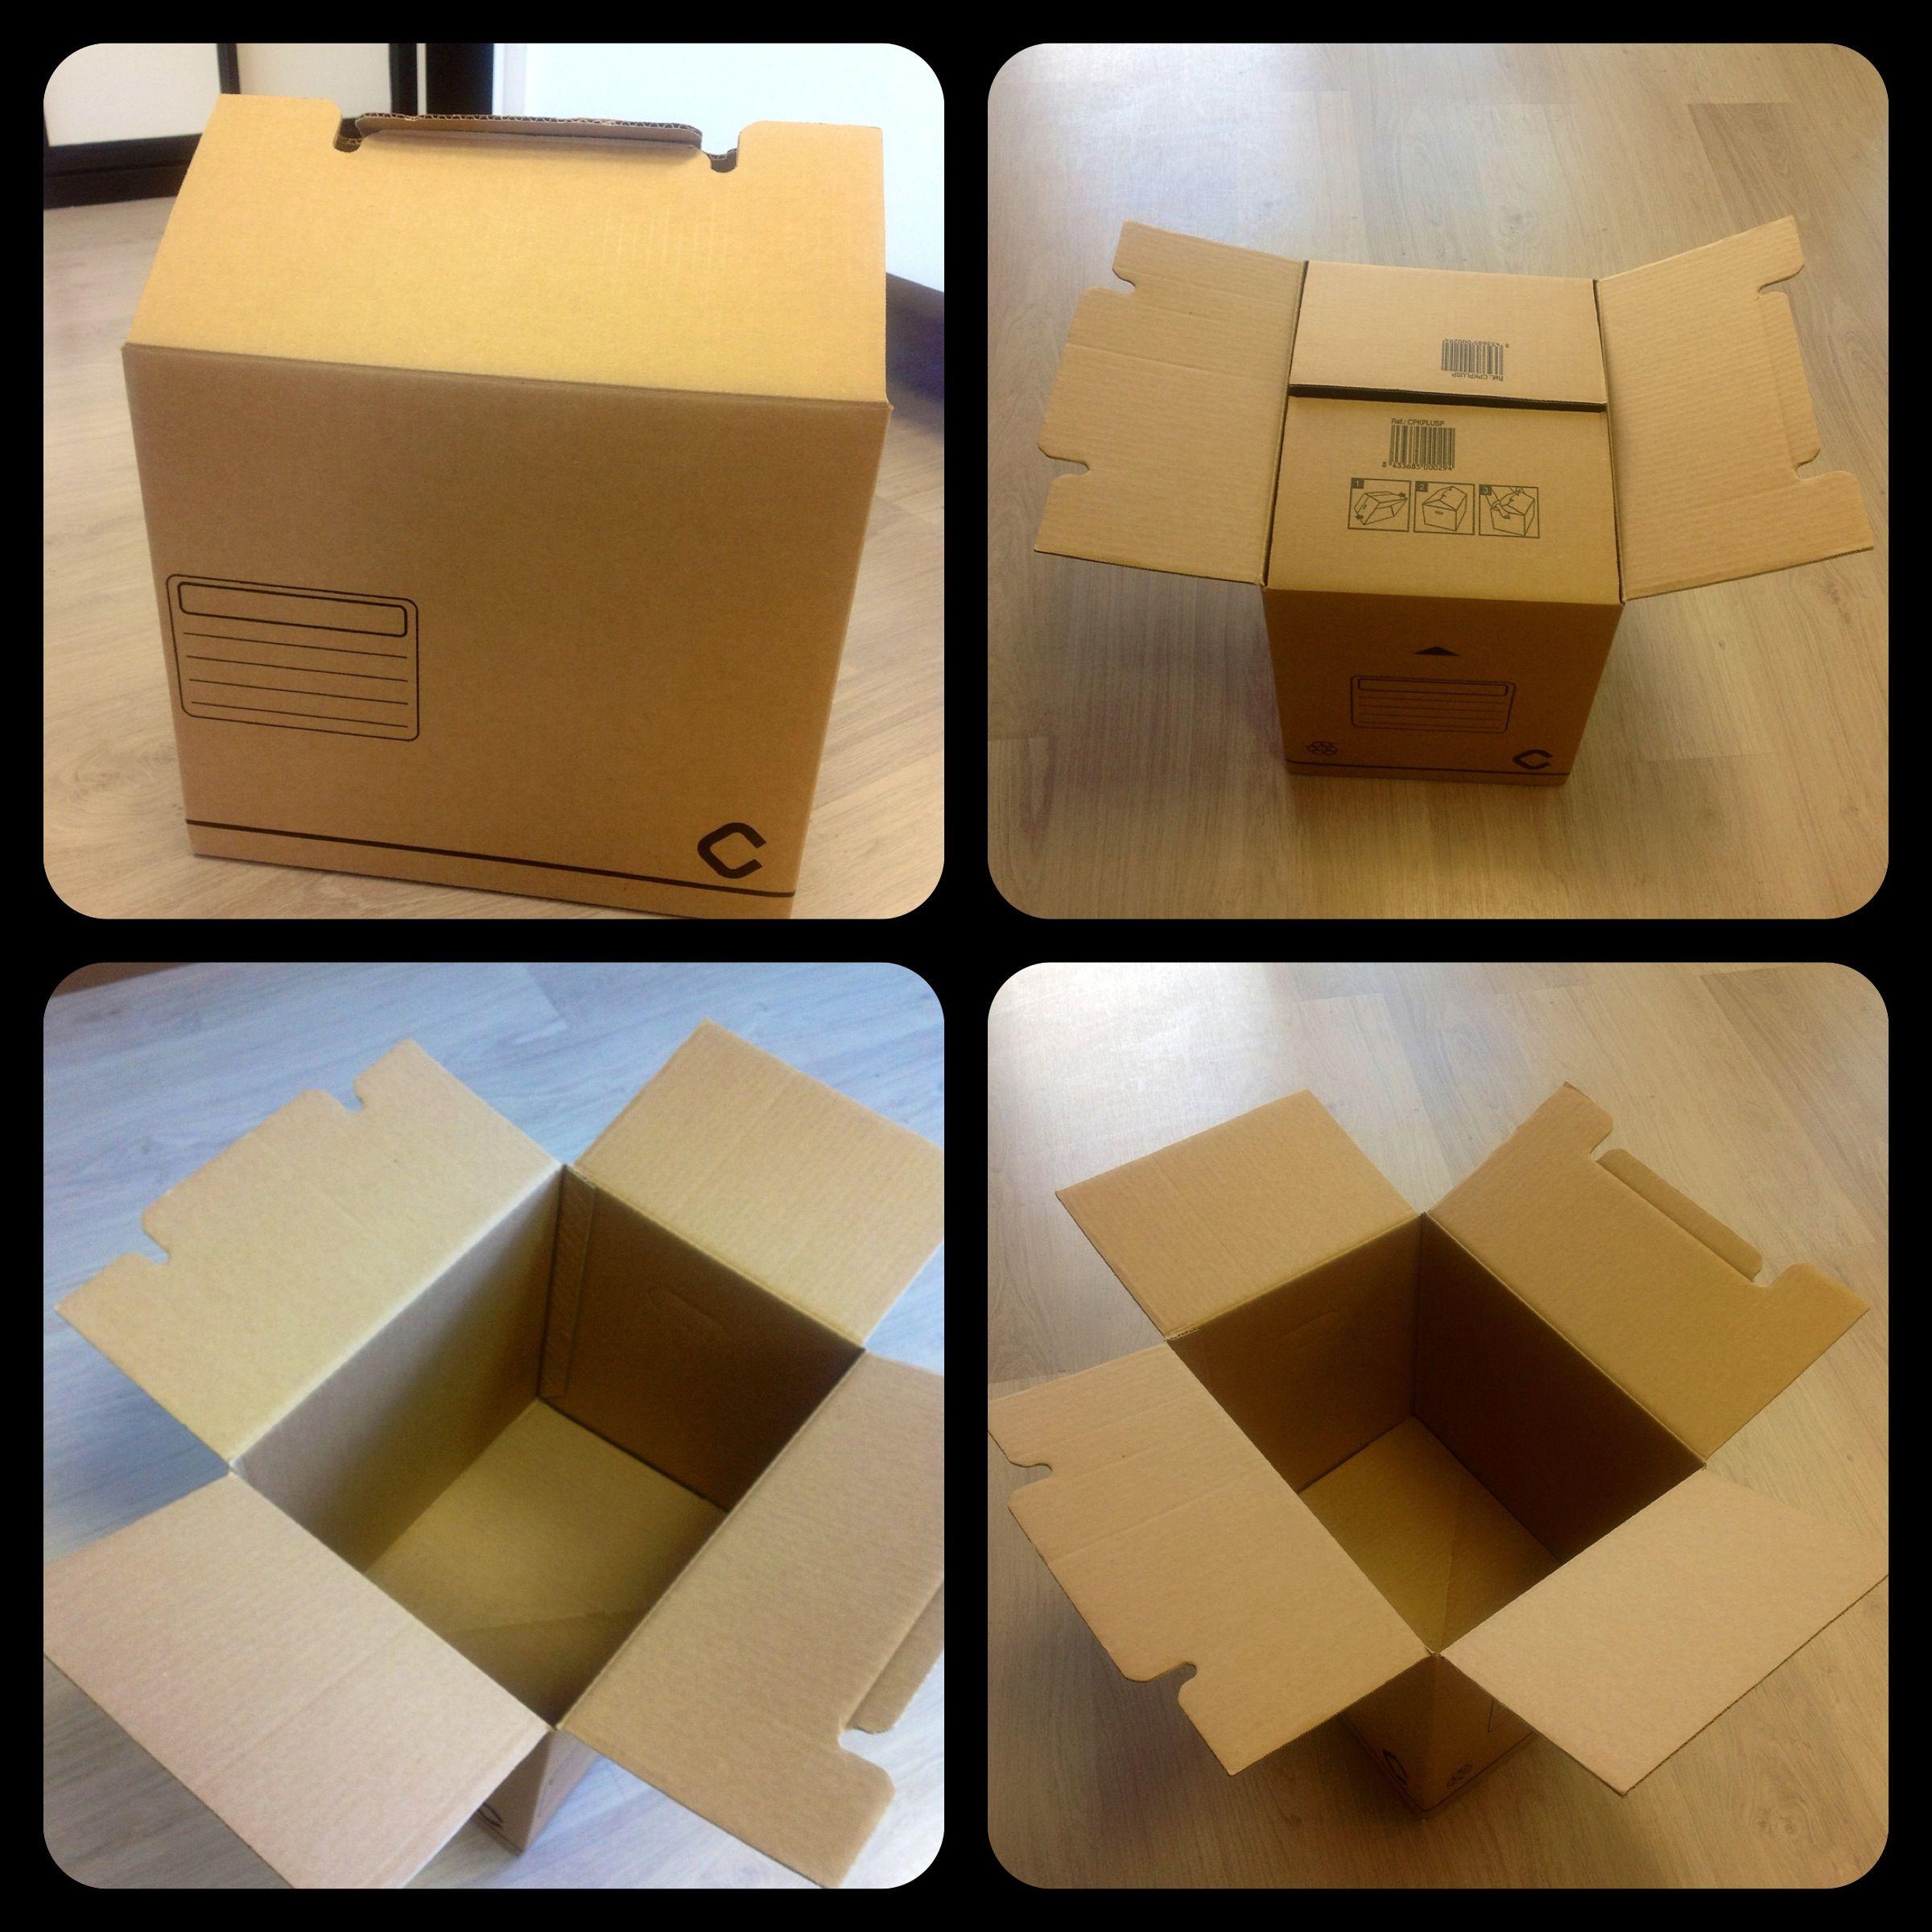 M s de 25 ideas incre bles sobre cajas mudanza en - Cajas de mudanza ...